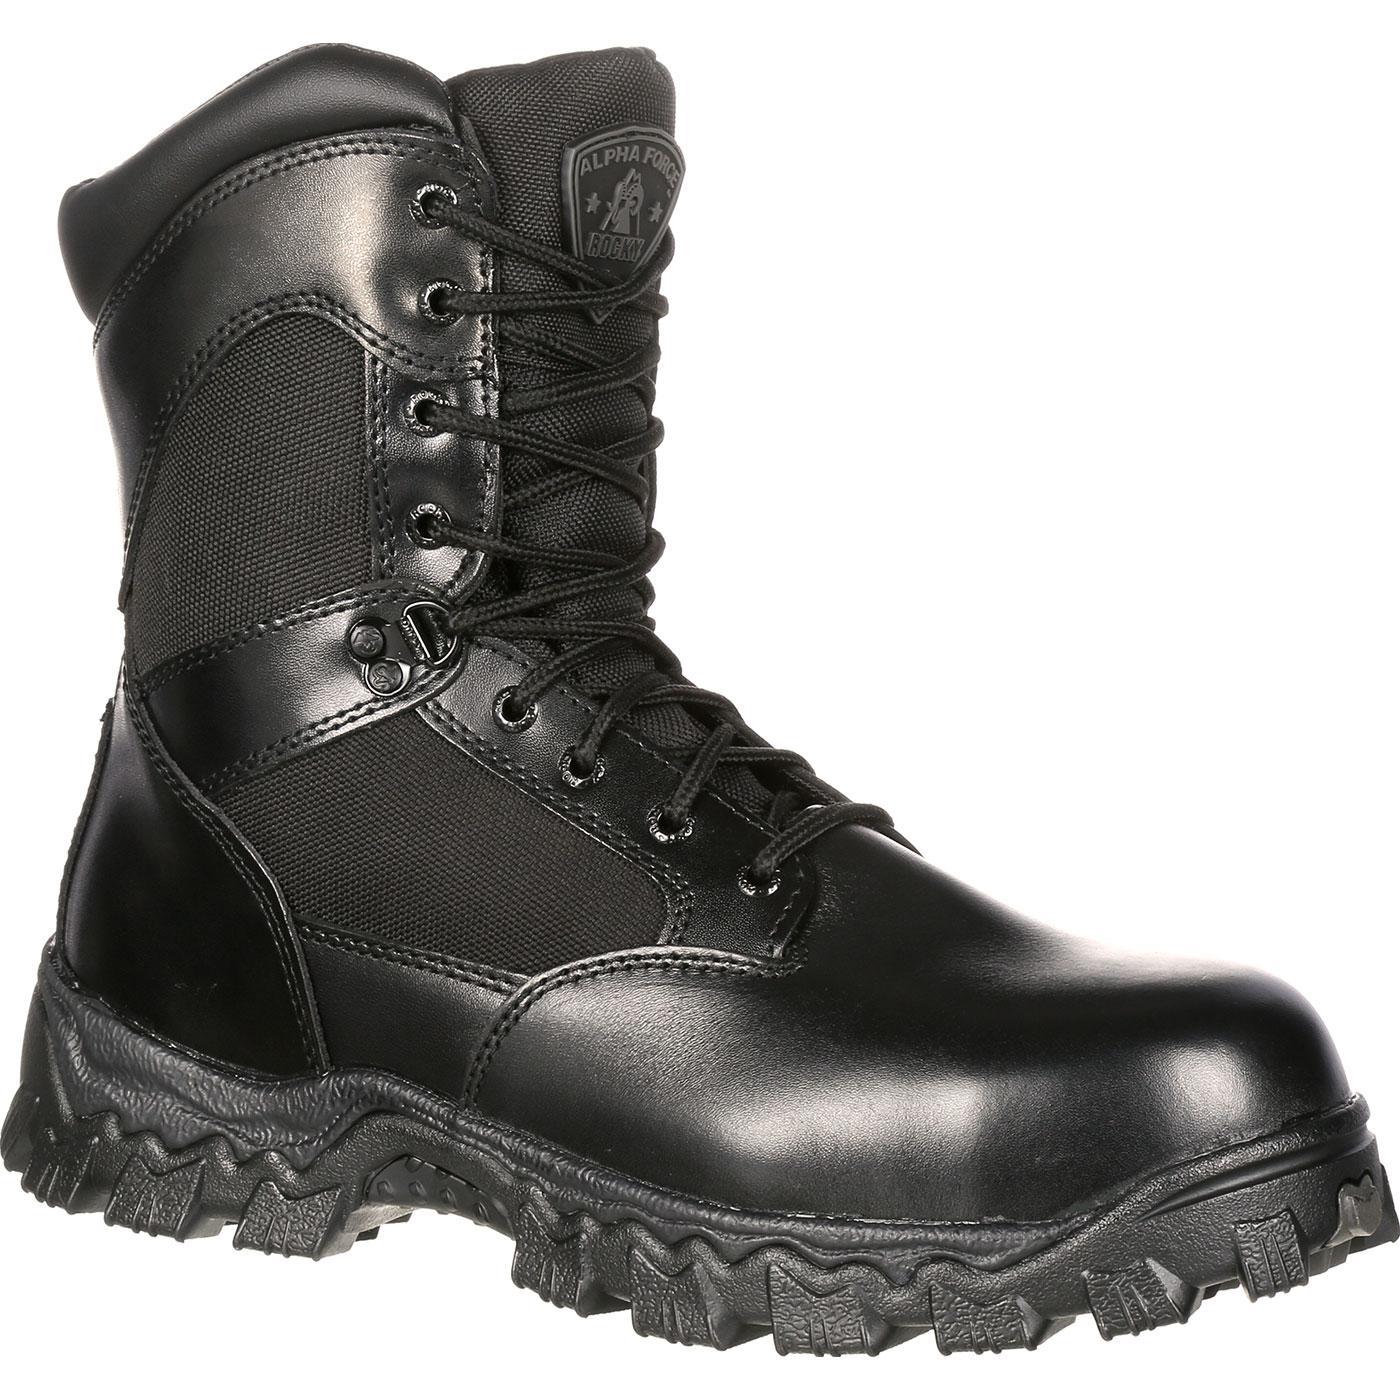 waterproof boots rocky alphaforce zipper waterproof duty boot, , large NCNXCXP